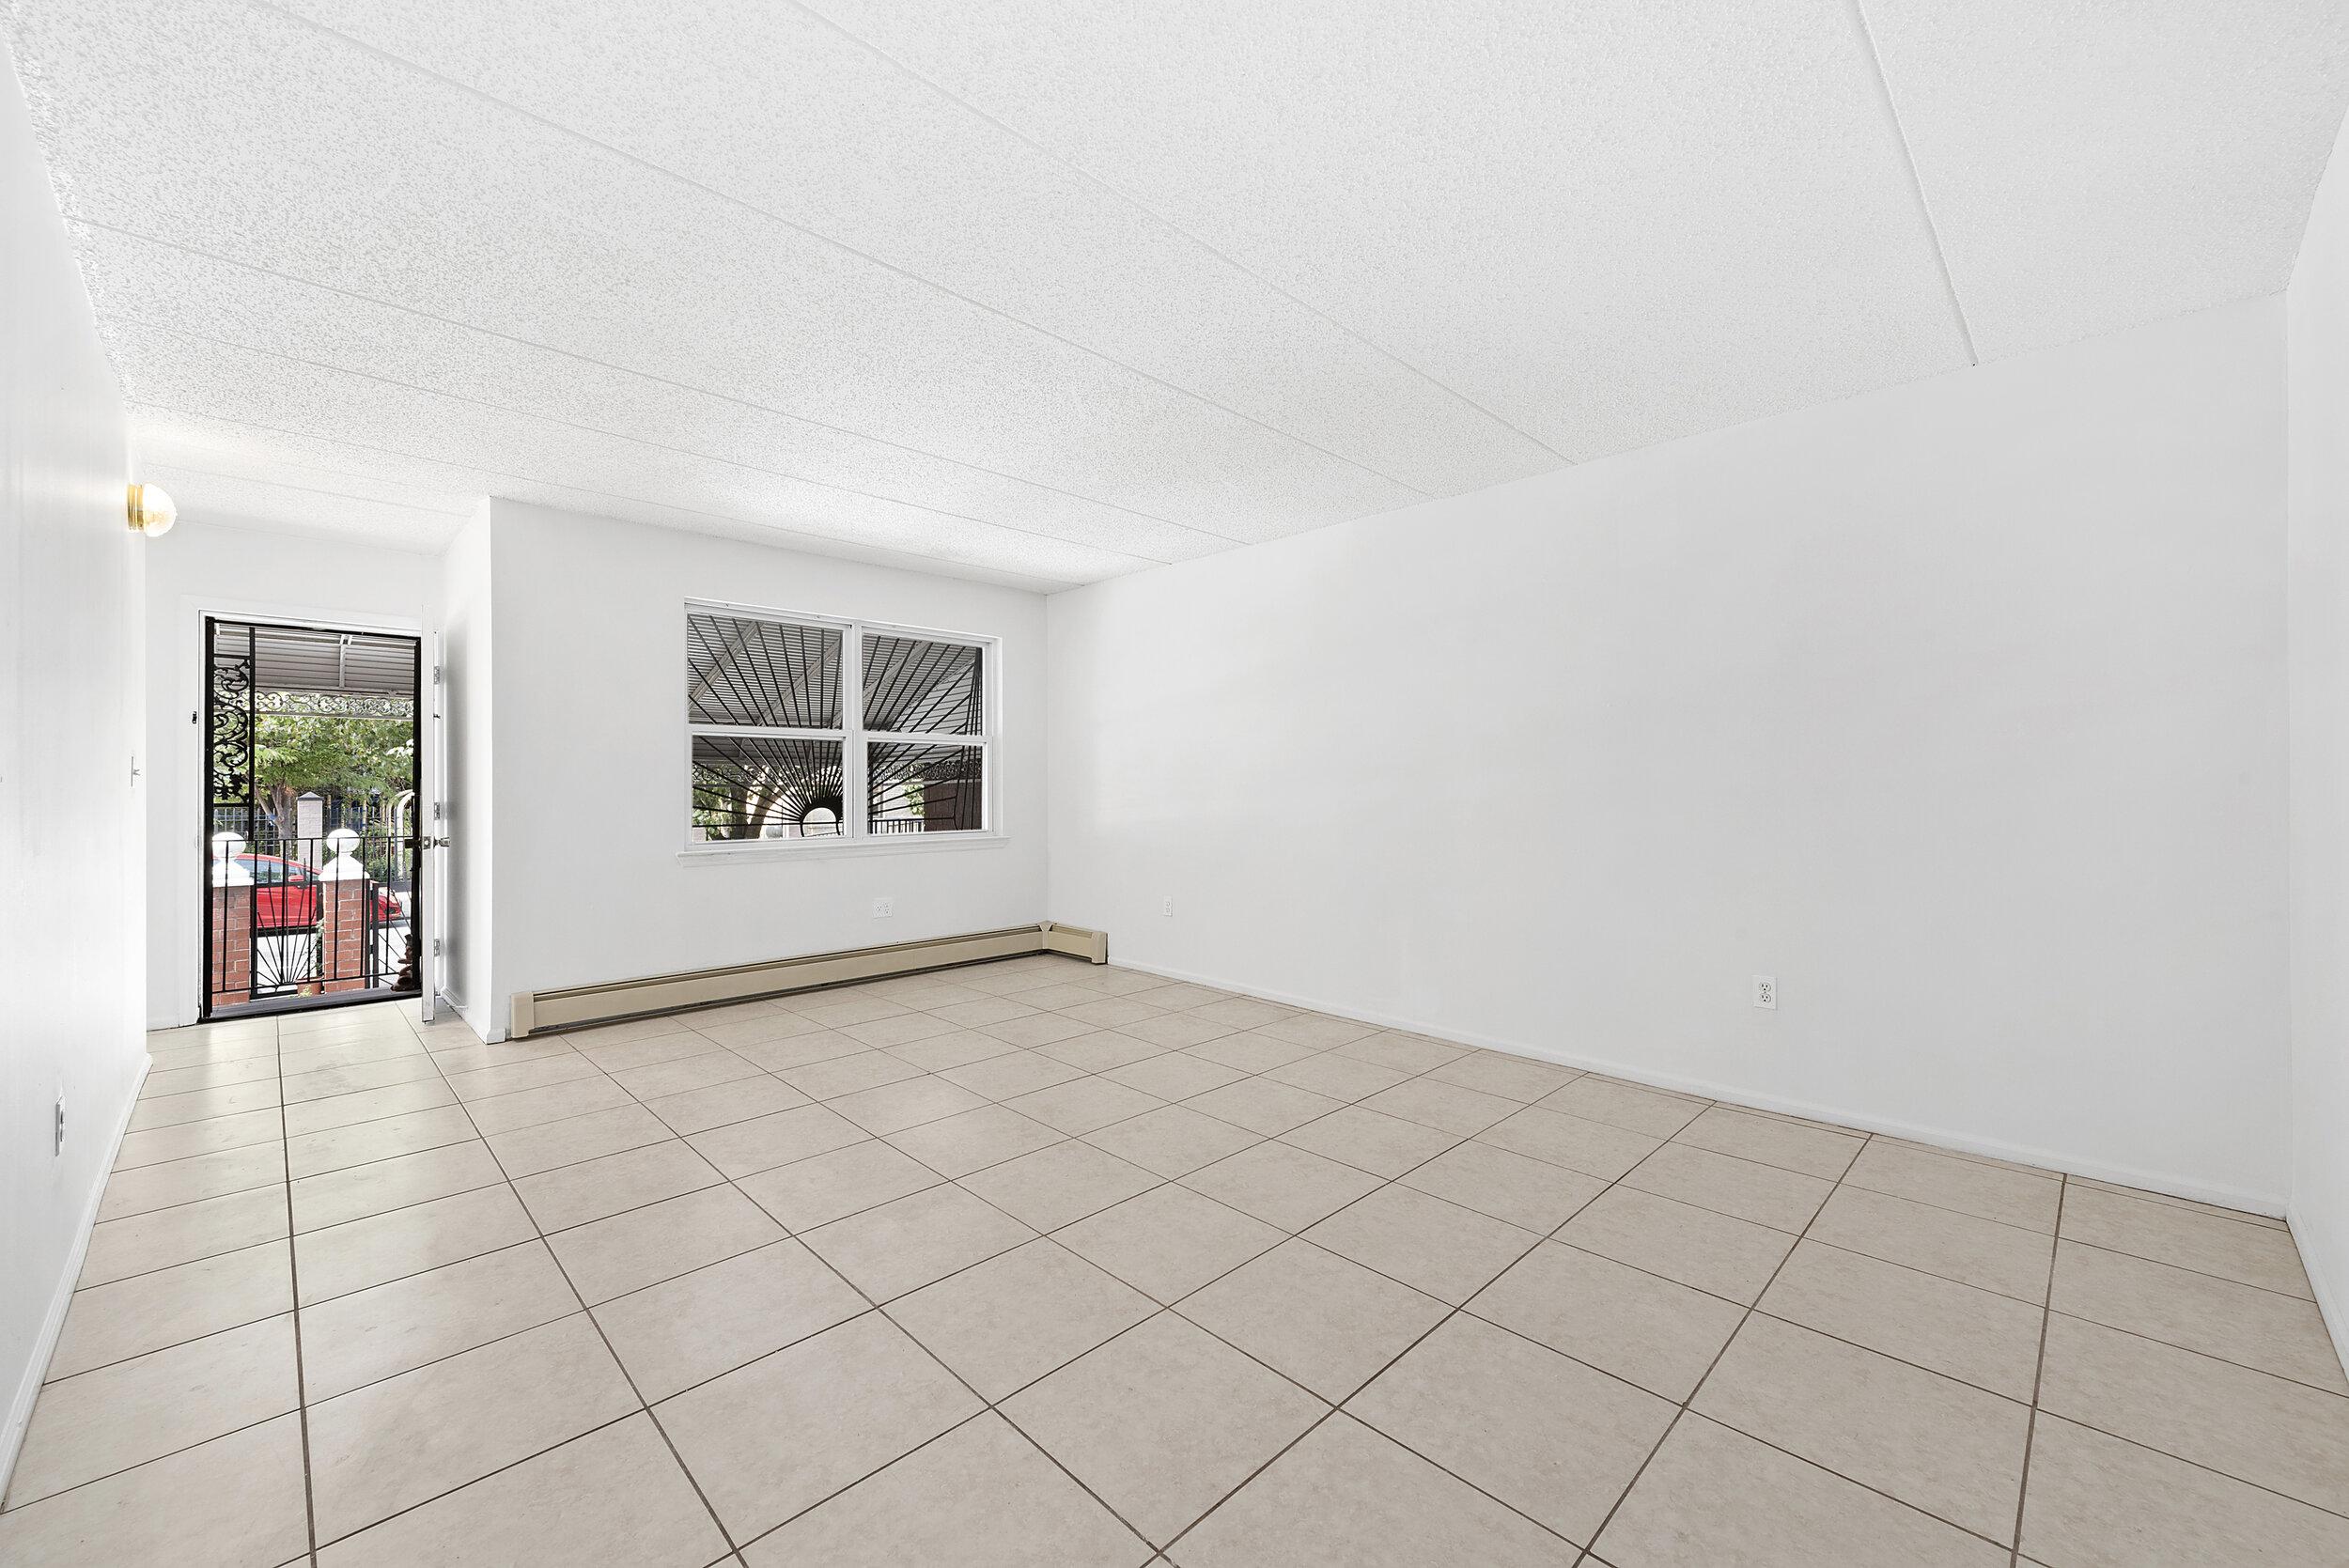 90 Stockholm Front door and living area.jpg